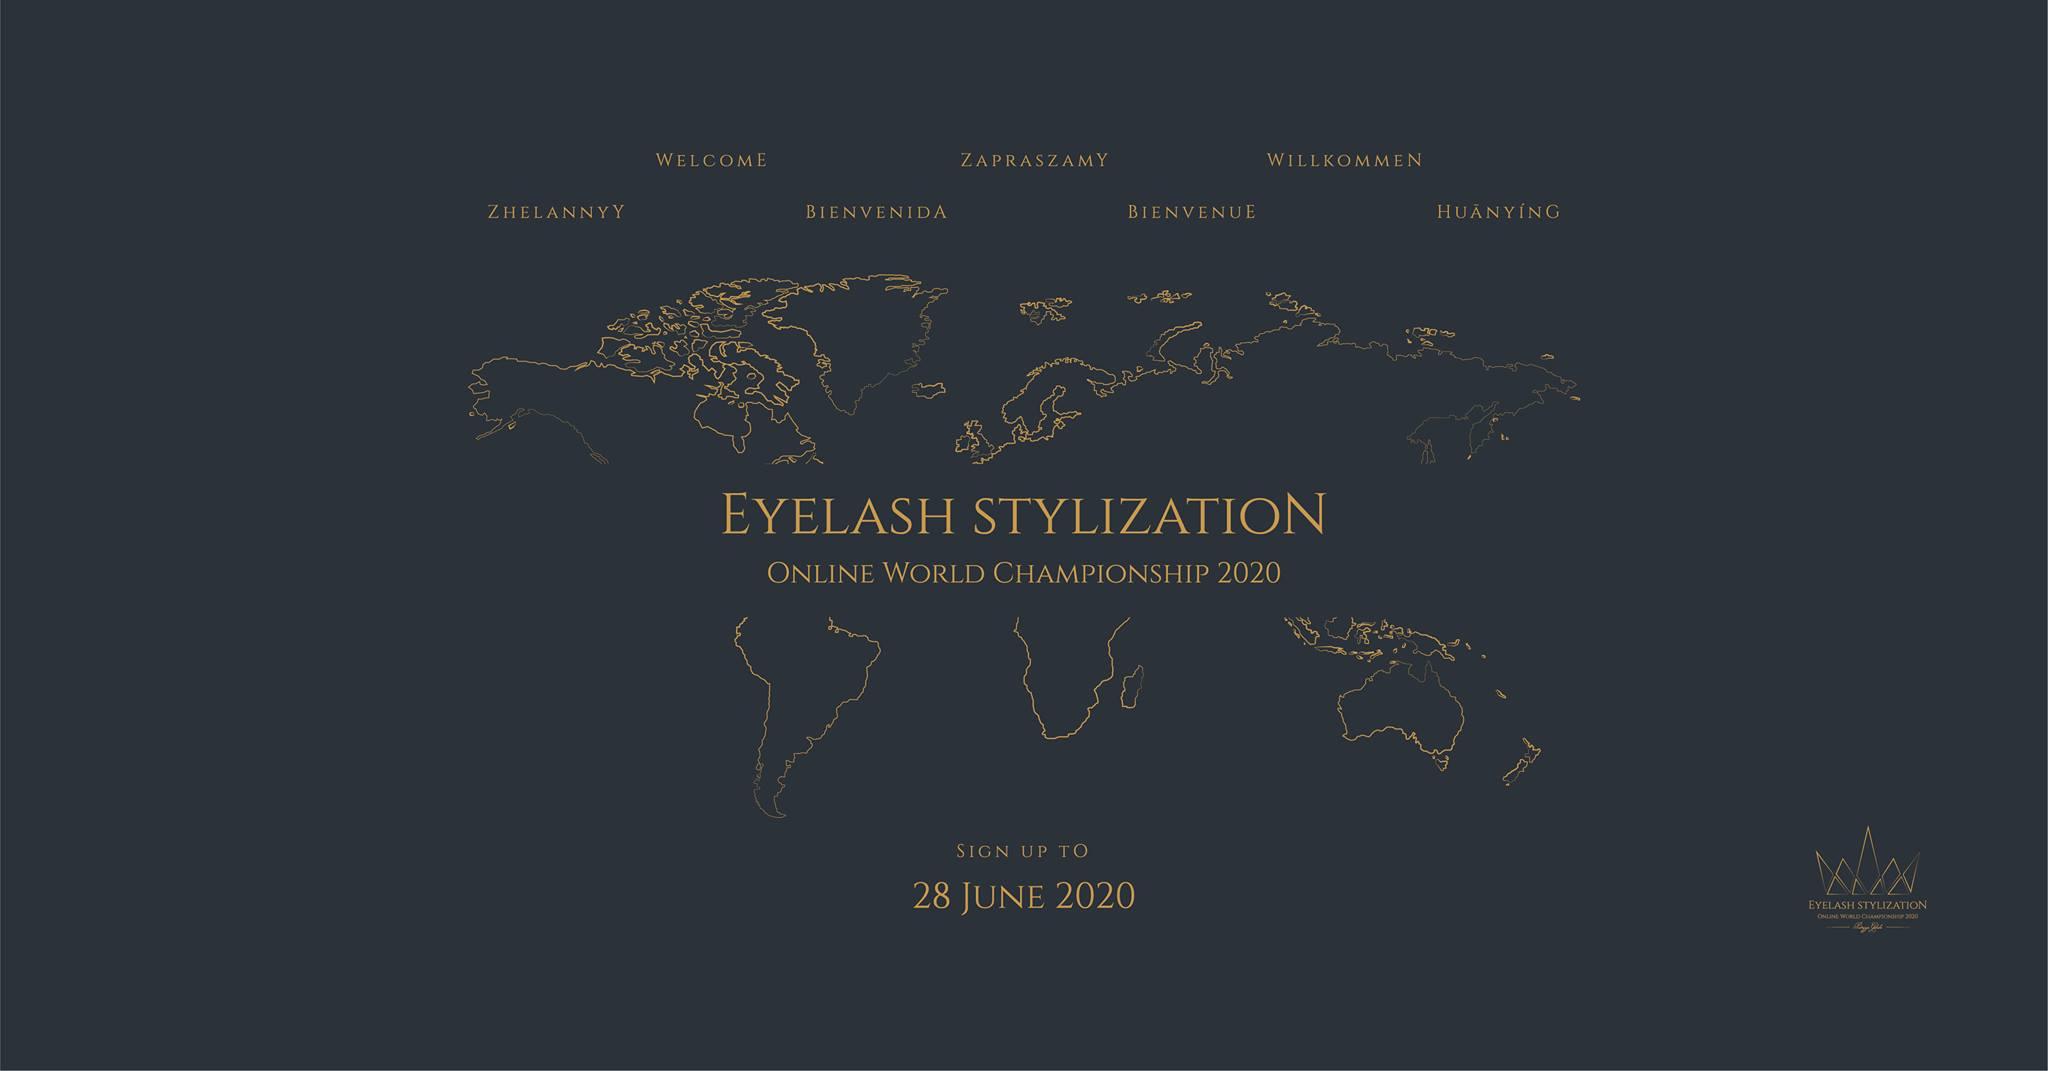 eyelashstylization